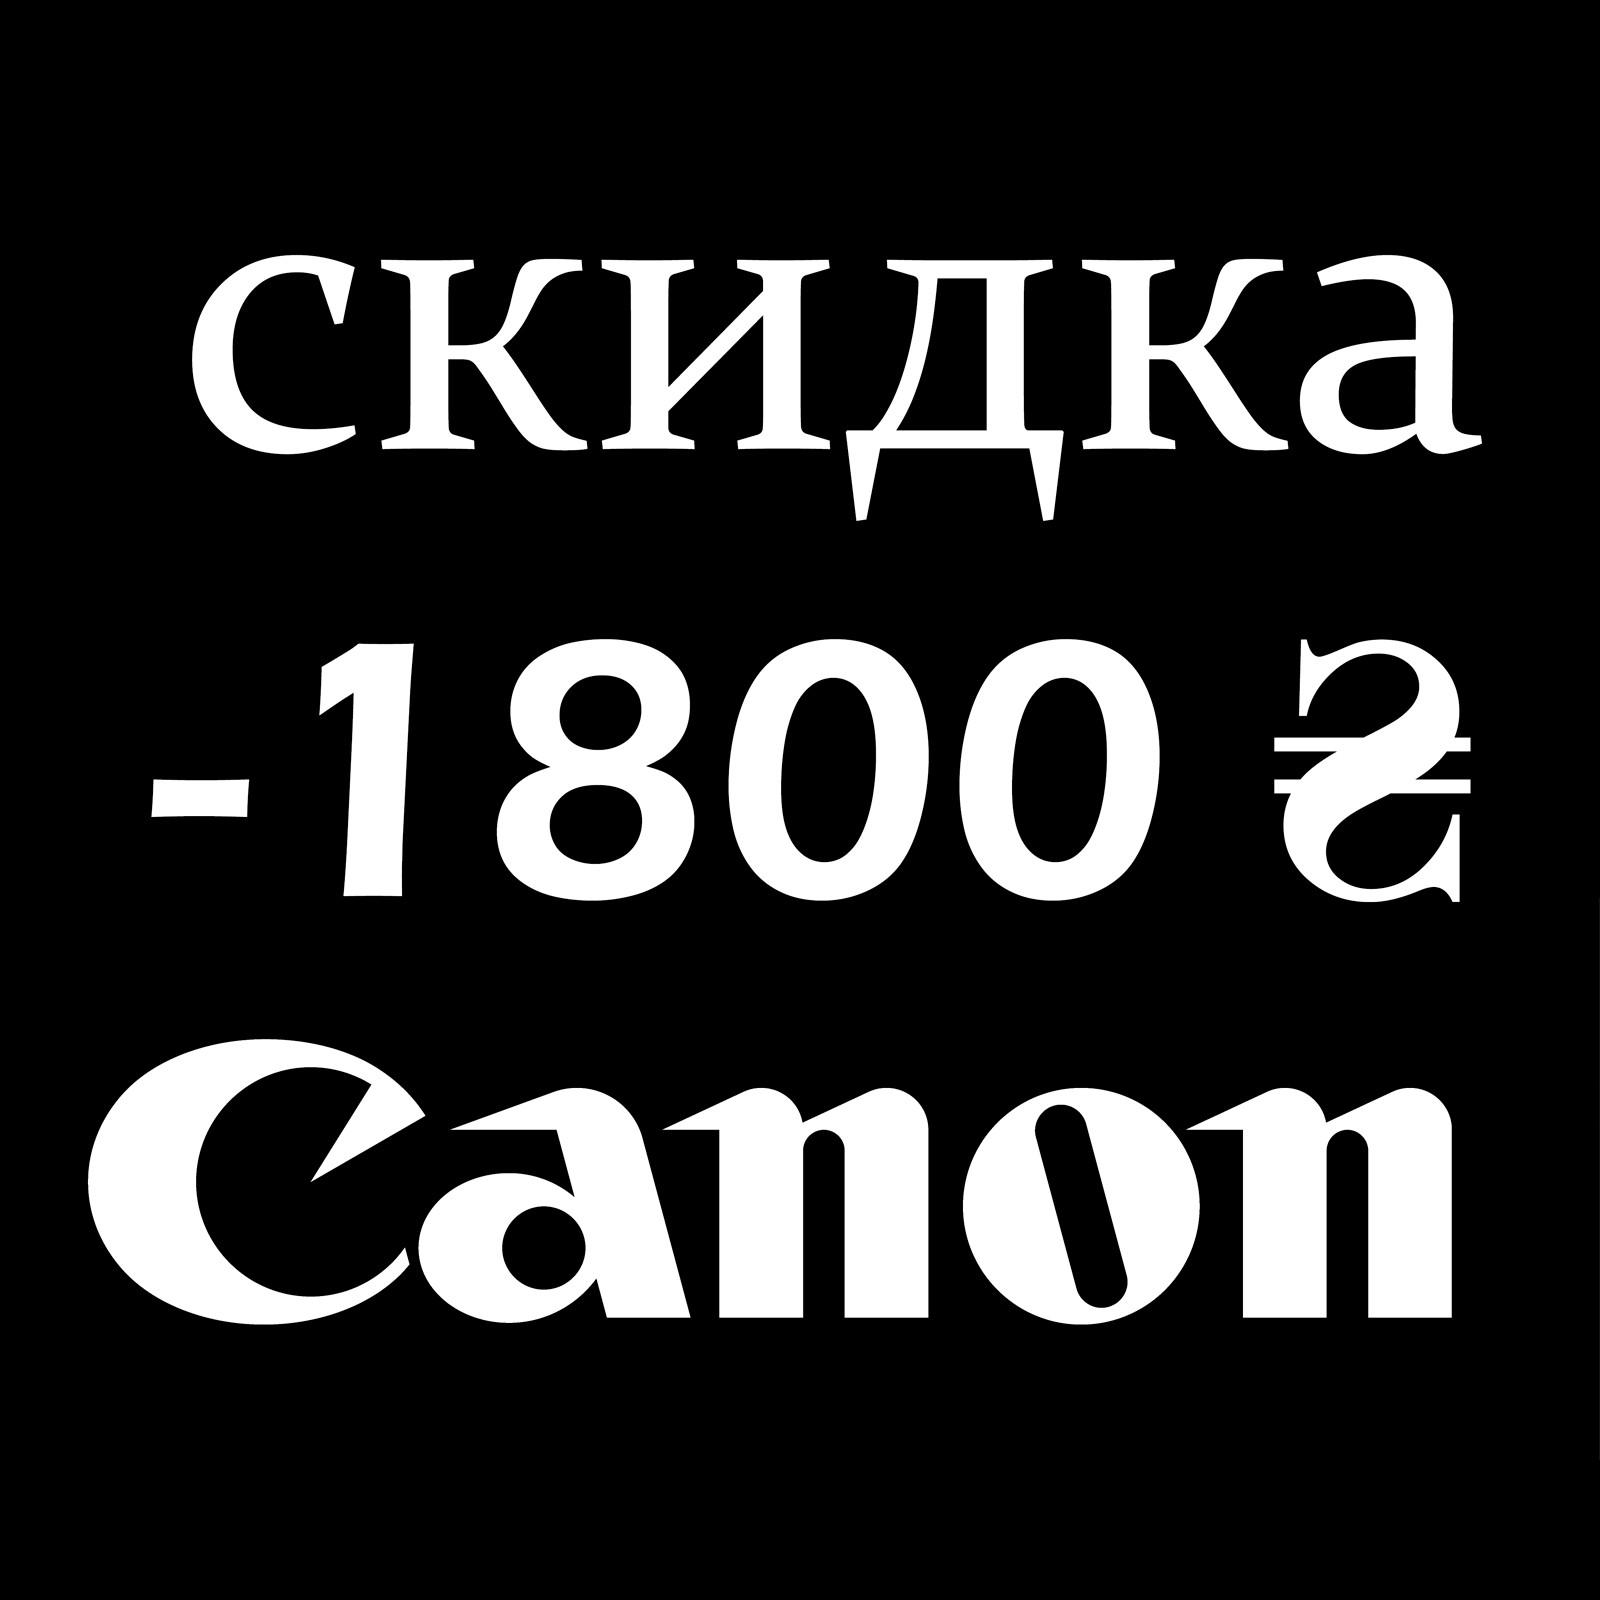 Сертифика скидка Canon -1800